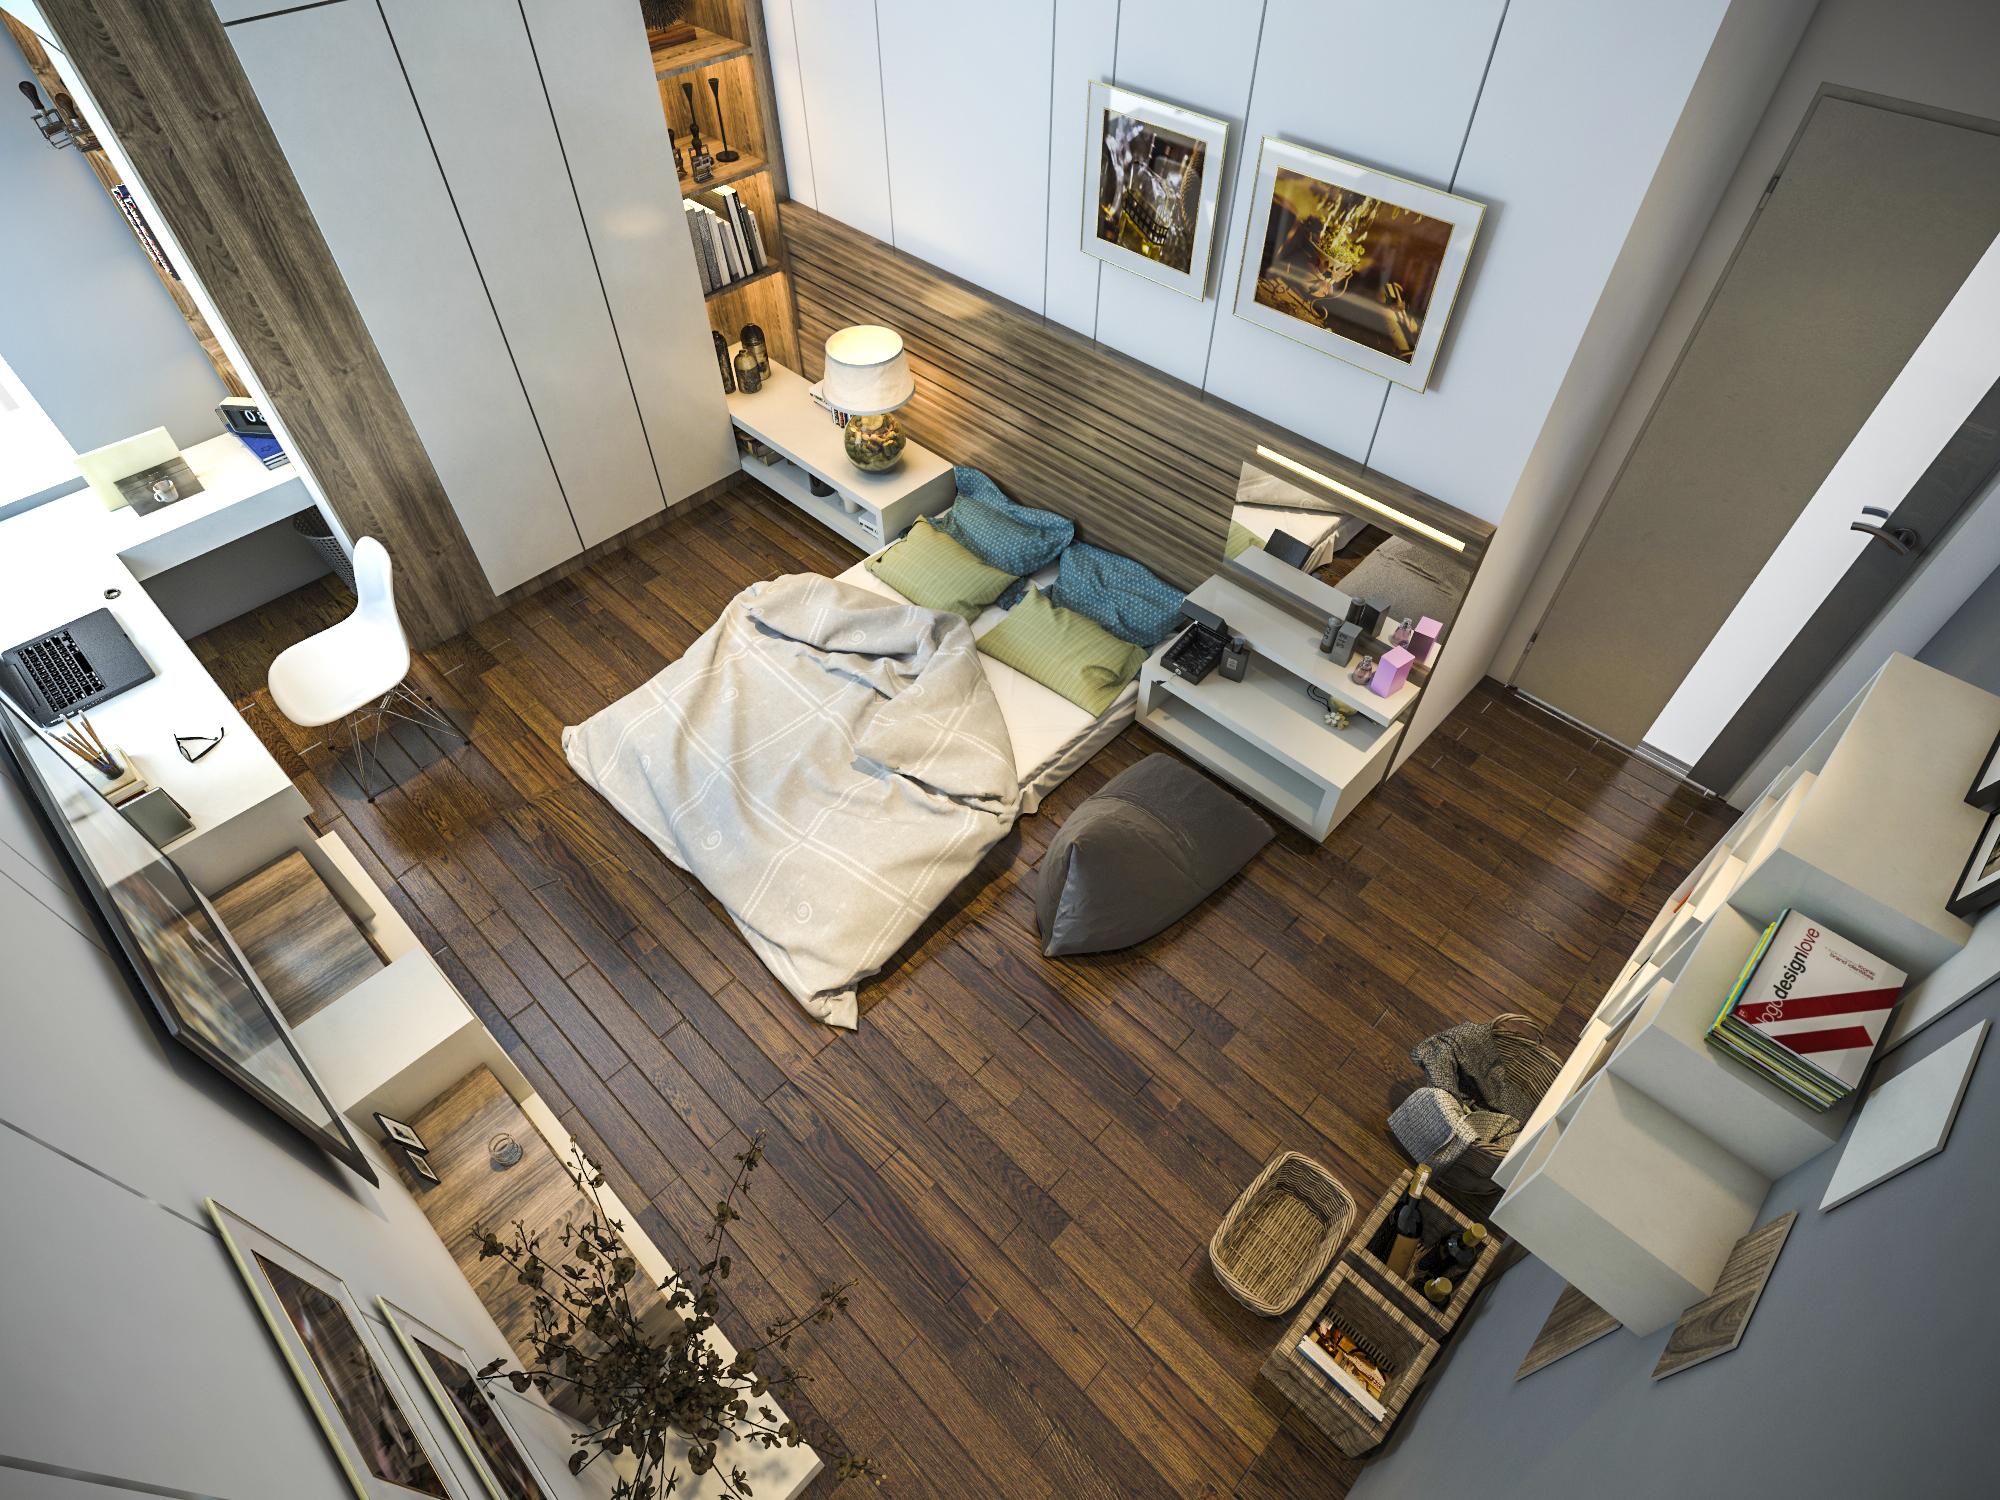 thiết kế nội thất chung cư tại Hồ Chí Minh Ms. Ly Apartment 17 1562574645